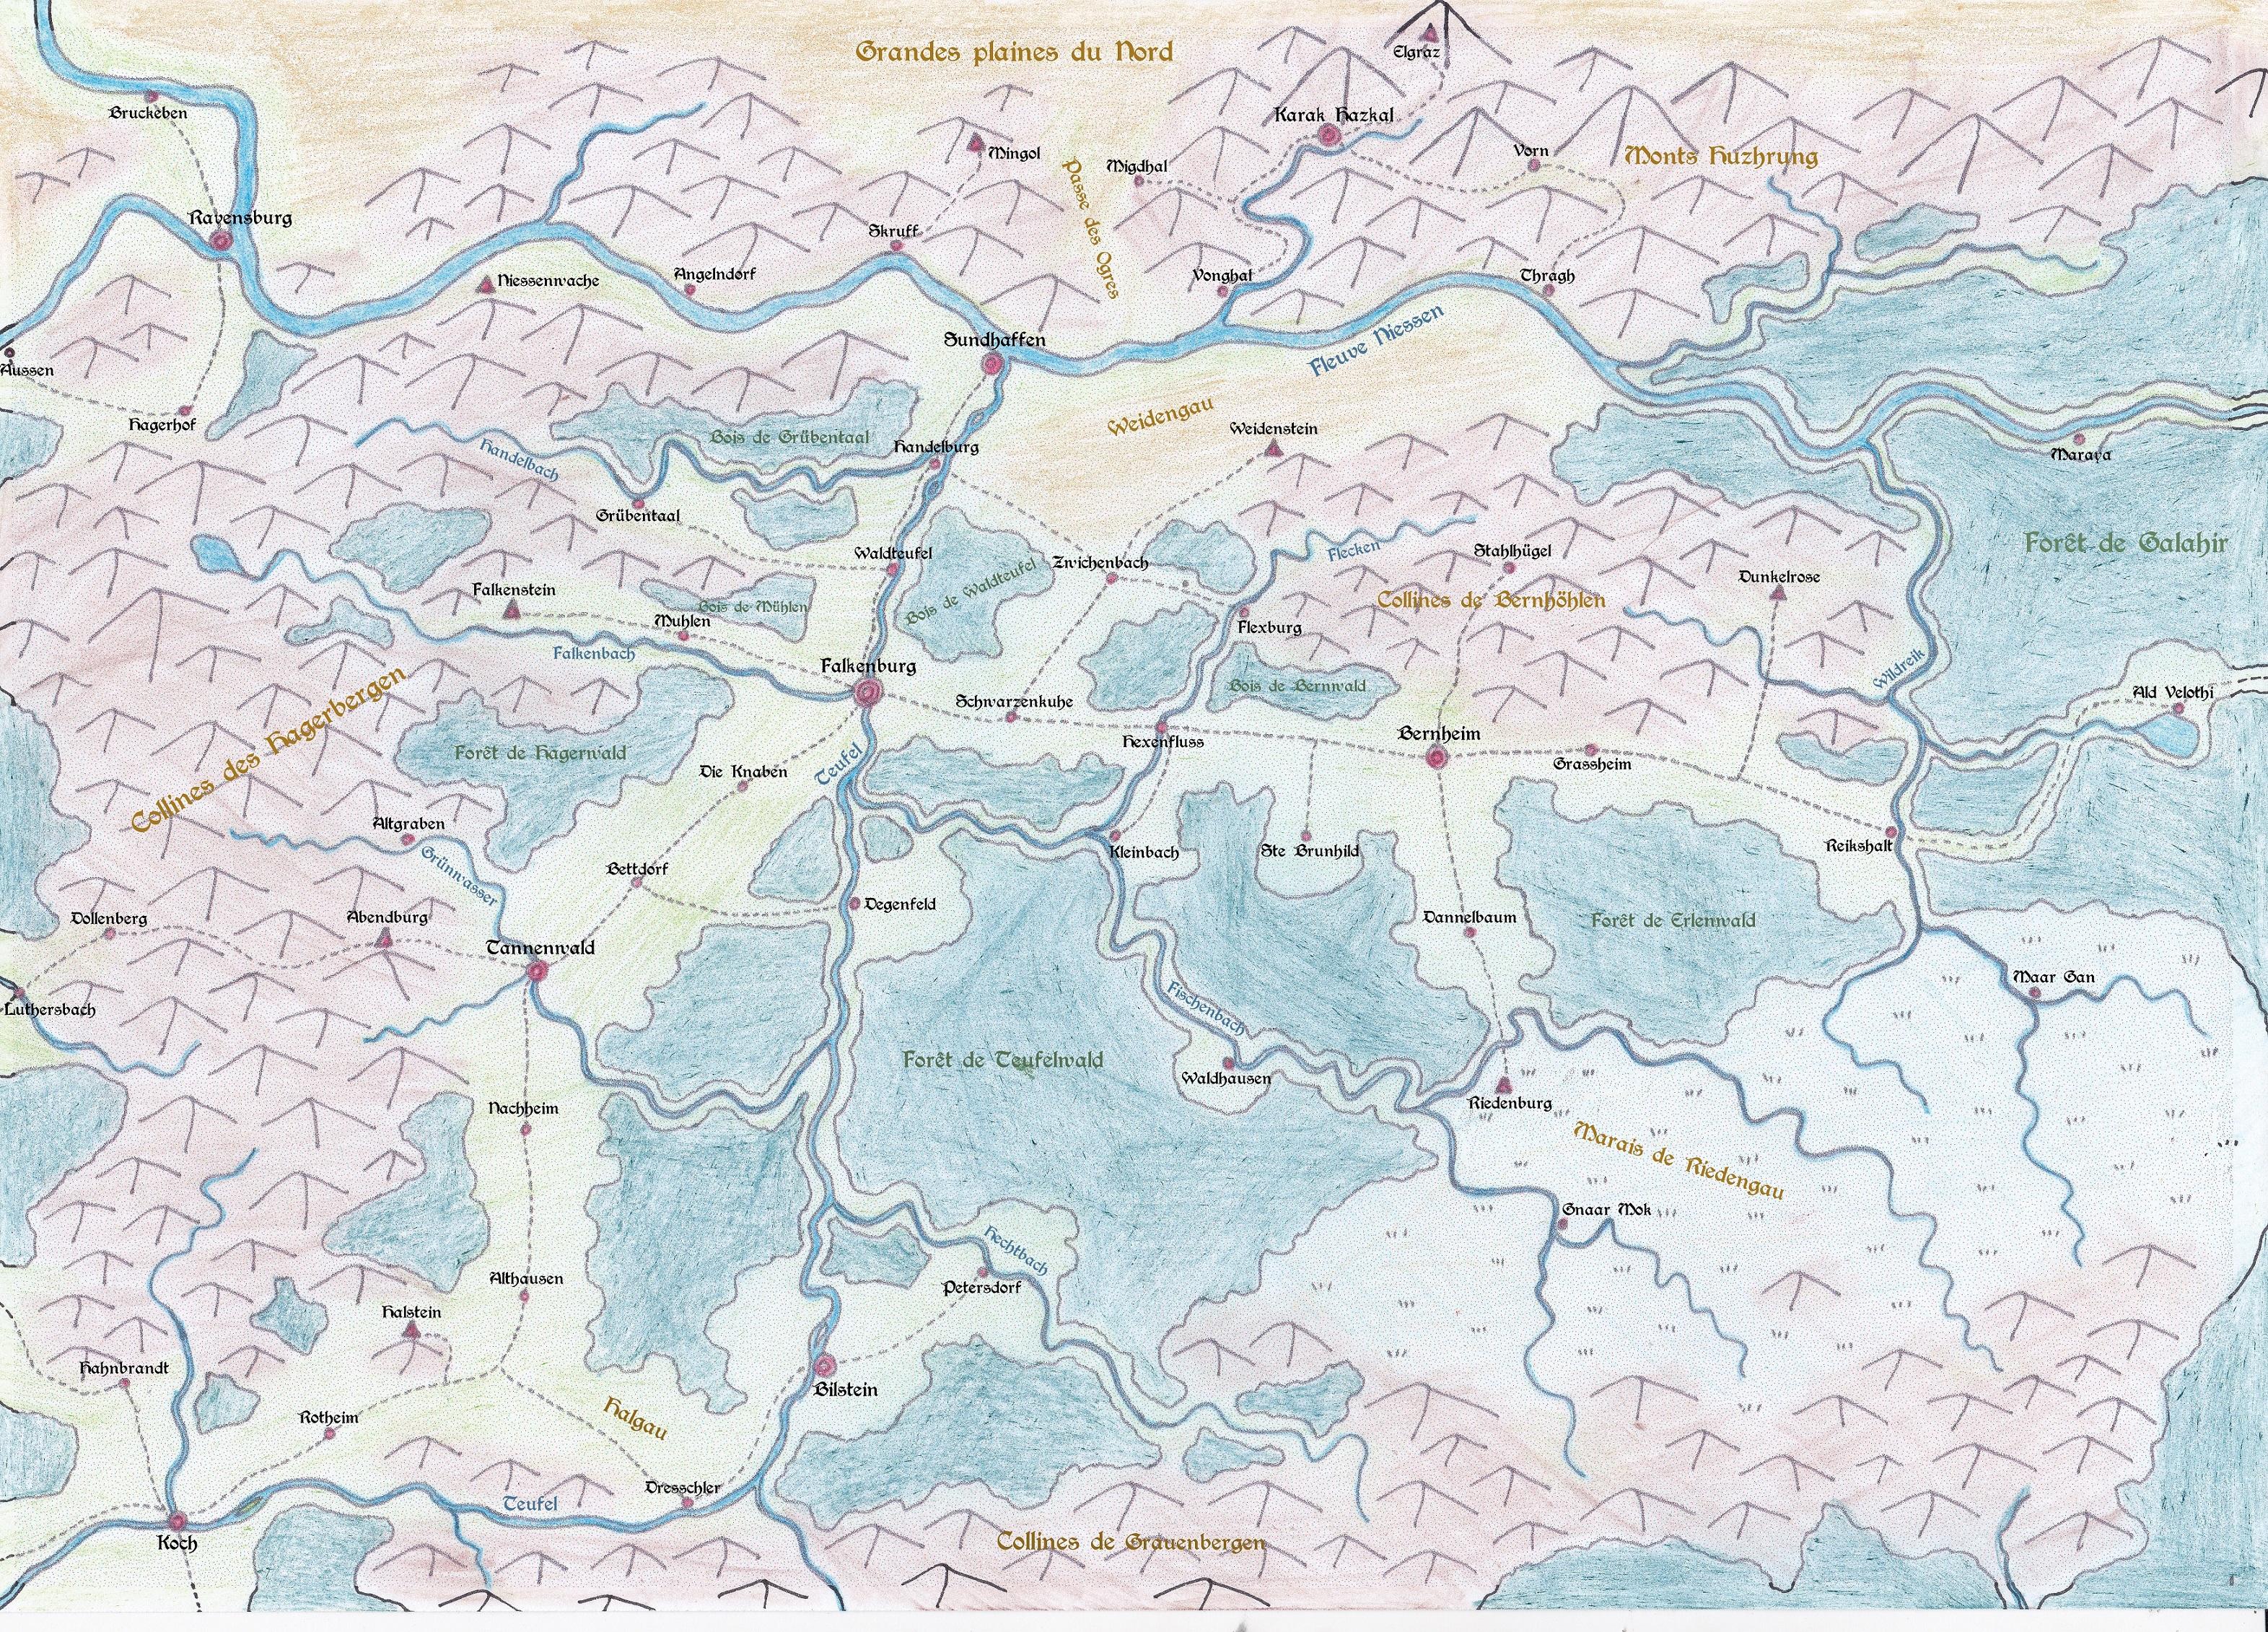 Carte de Galahir et alentours 19020109051024633916102913